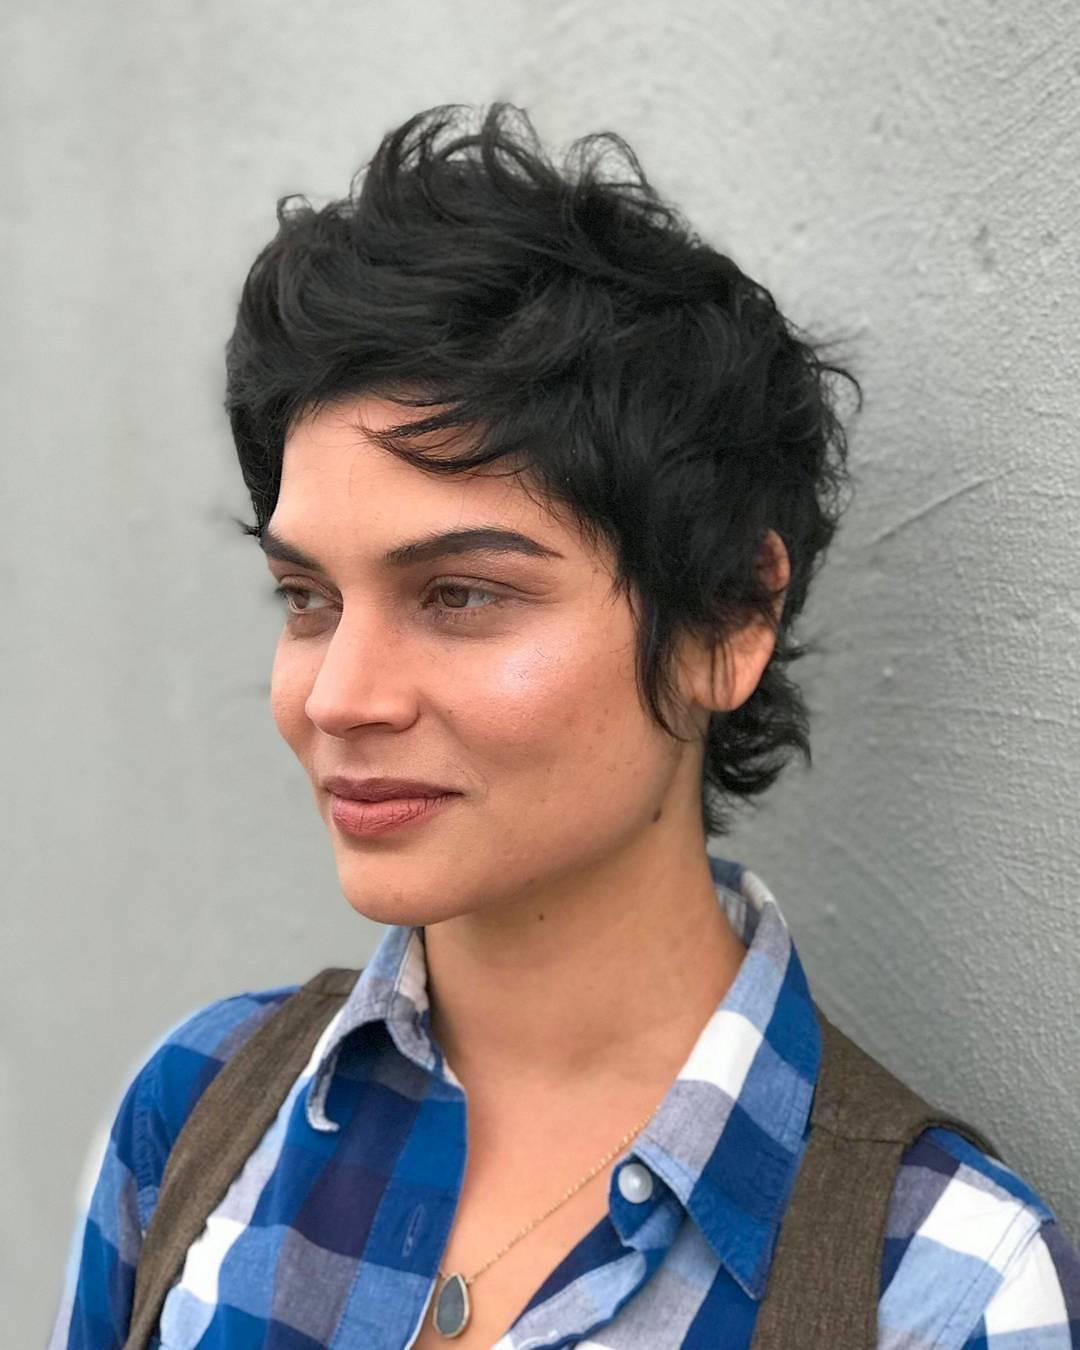 Dark Razor Cut Crop with Undone Wavy Texture Short Hair